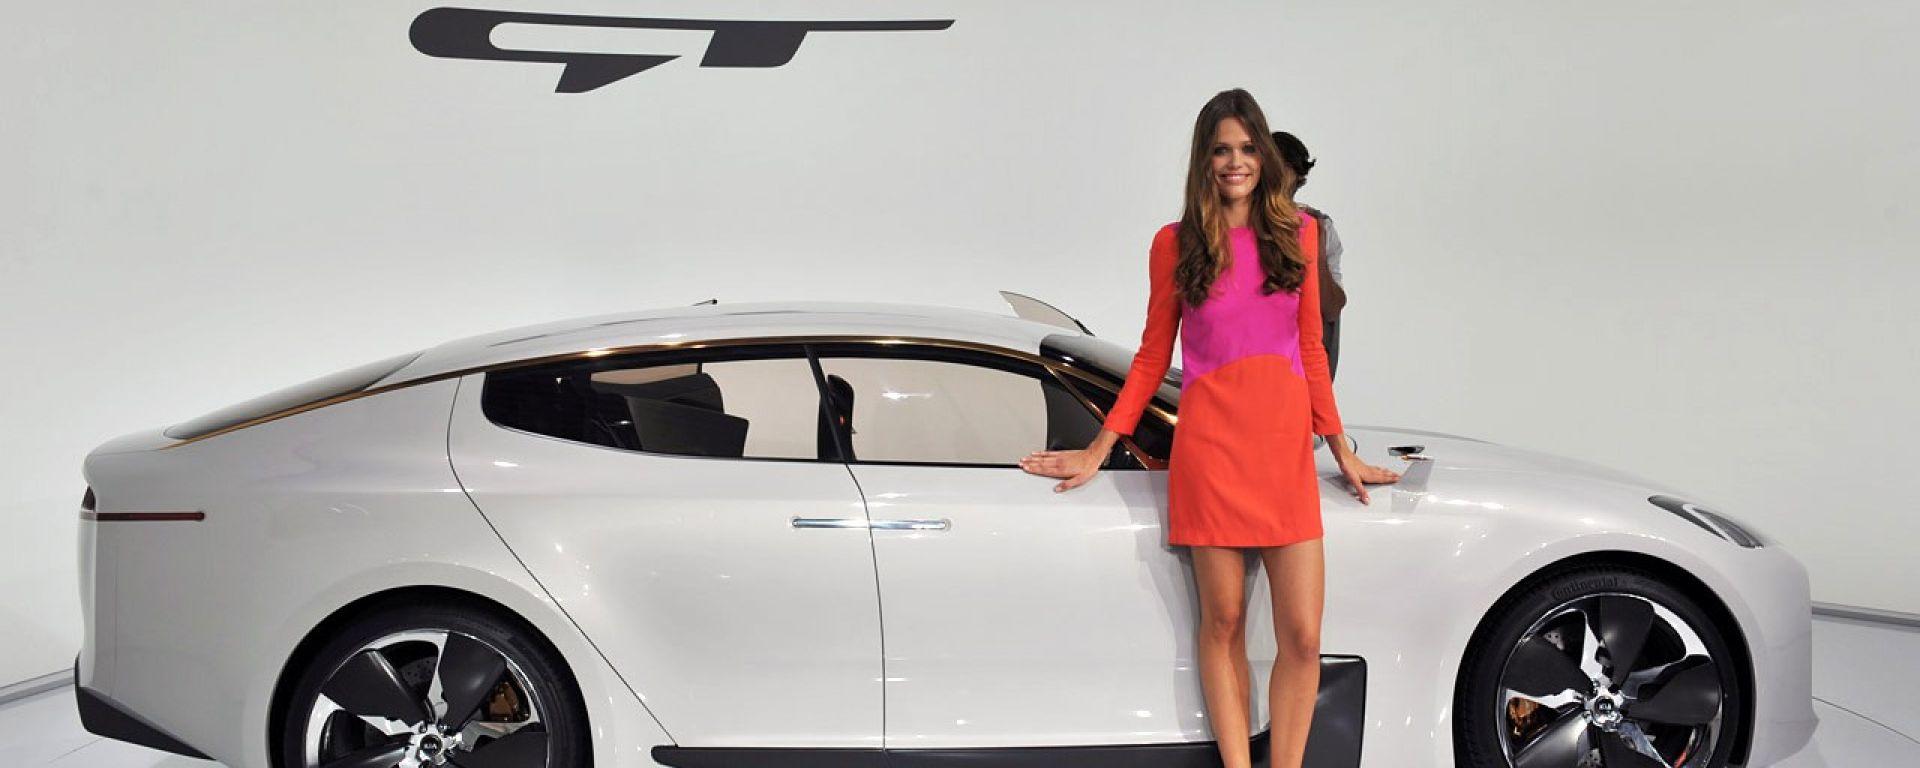 Francoforte IAA 2011: Kia GT concept e Kia Rio 2012